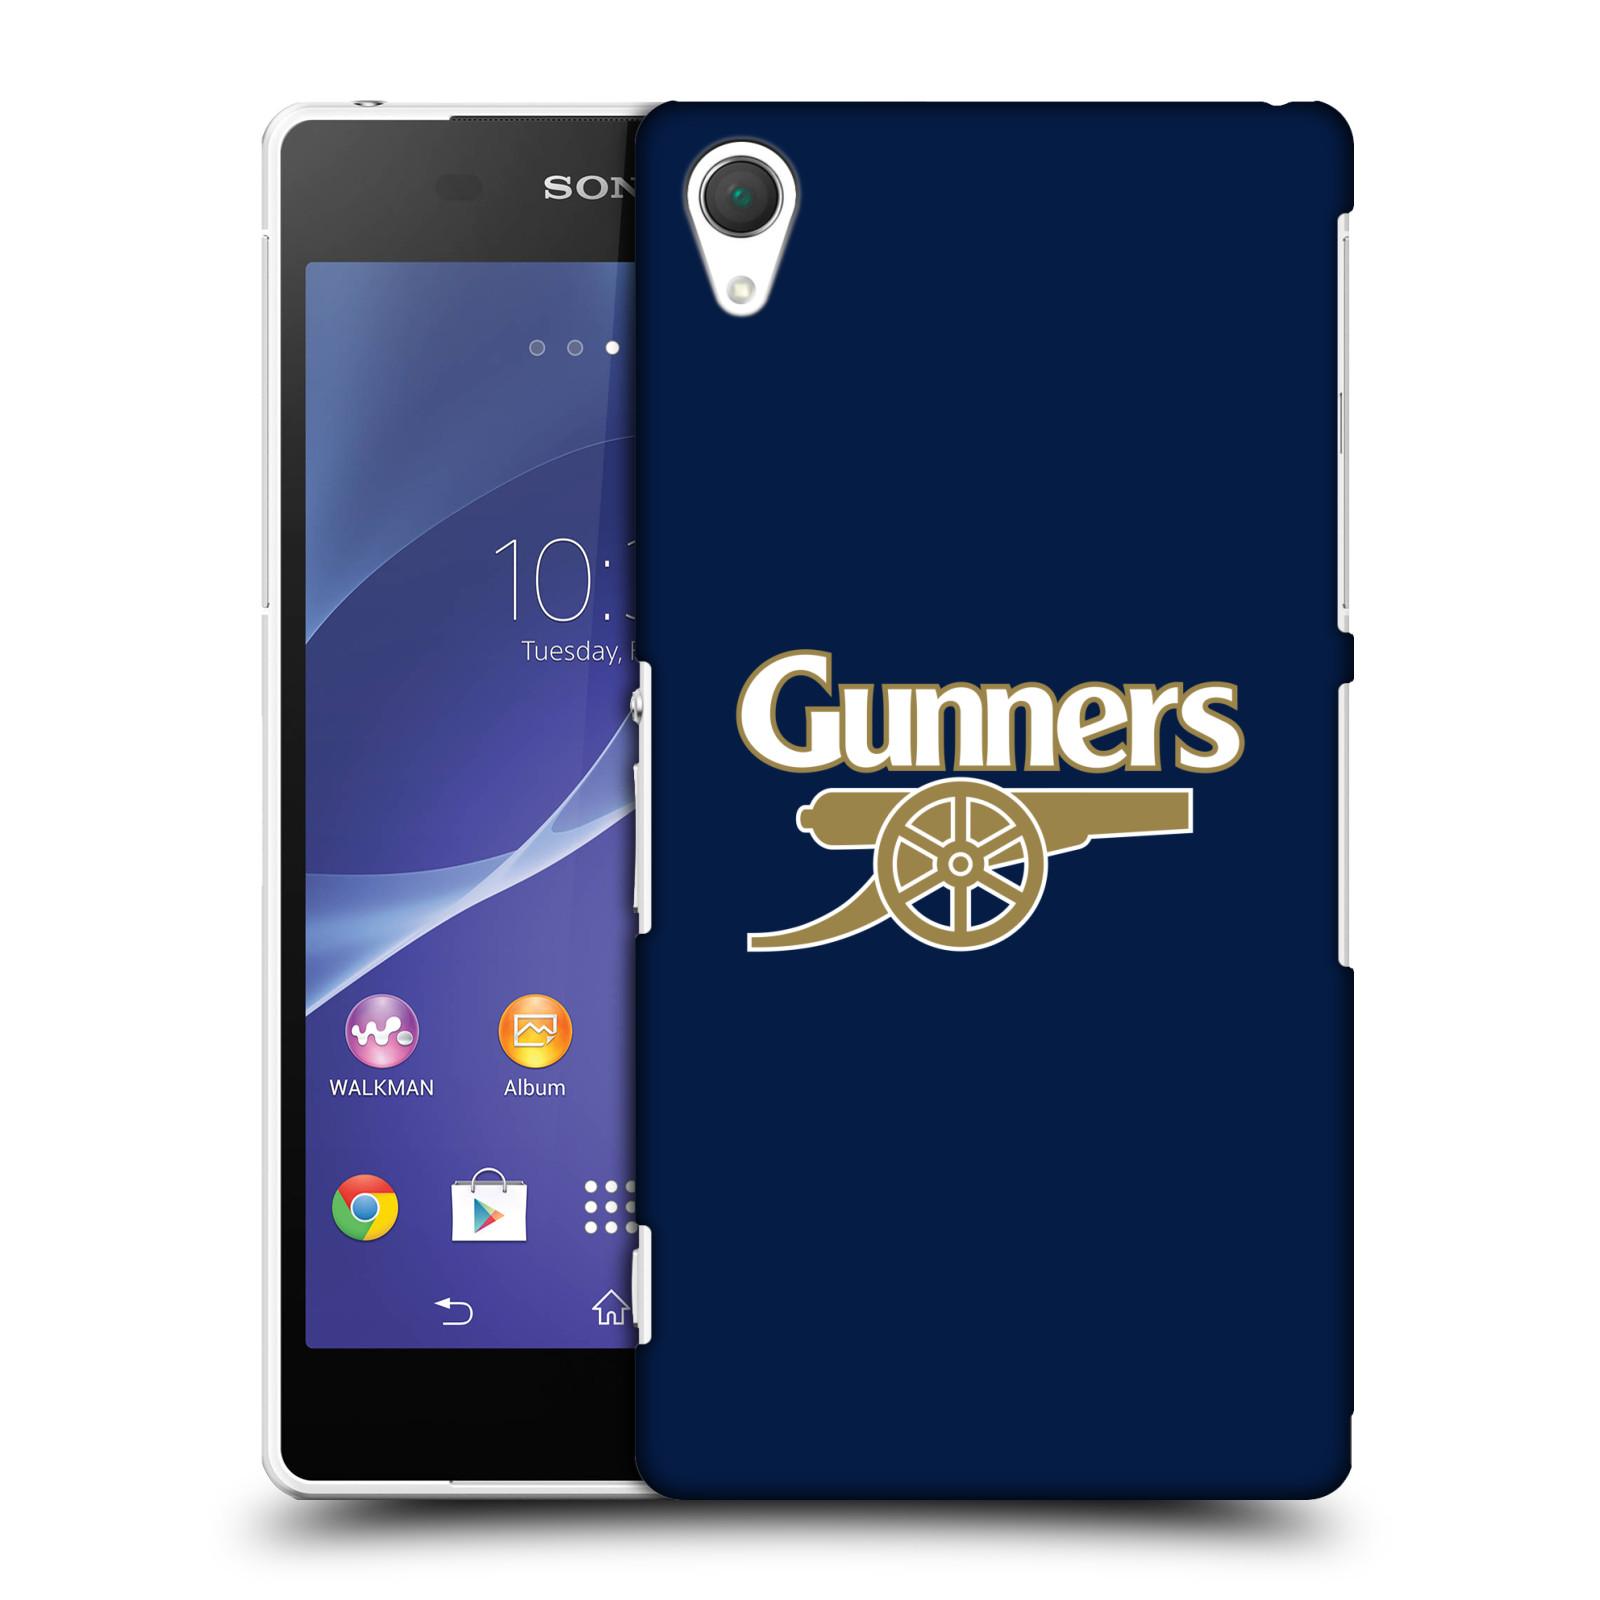 Plastové pouzdro na mobil Sony Xperia Z2 D6503 - Head Case - Arsenal FC - Gunners